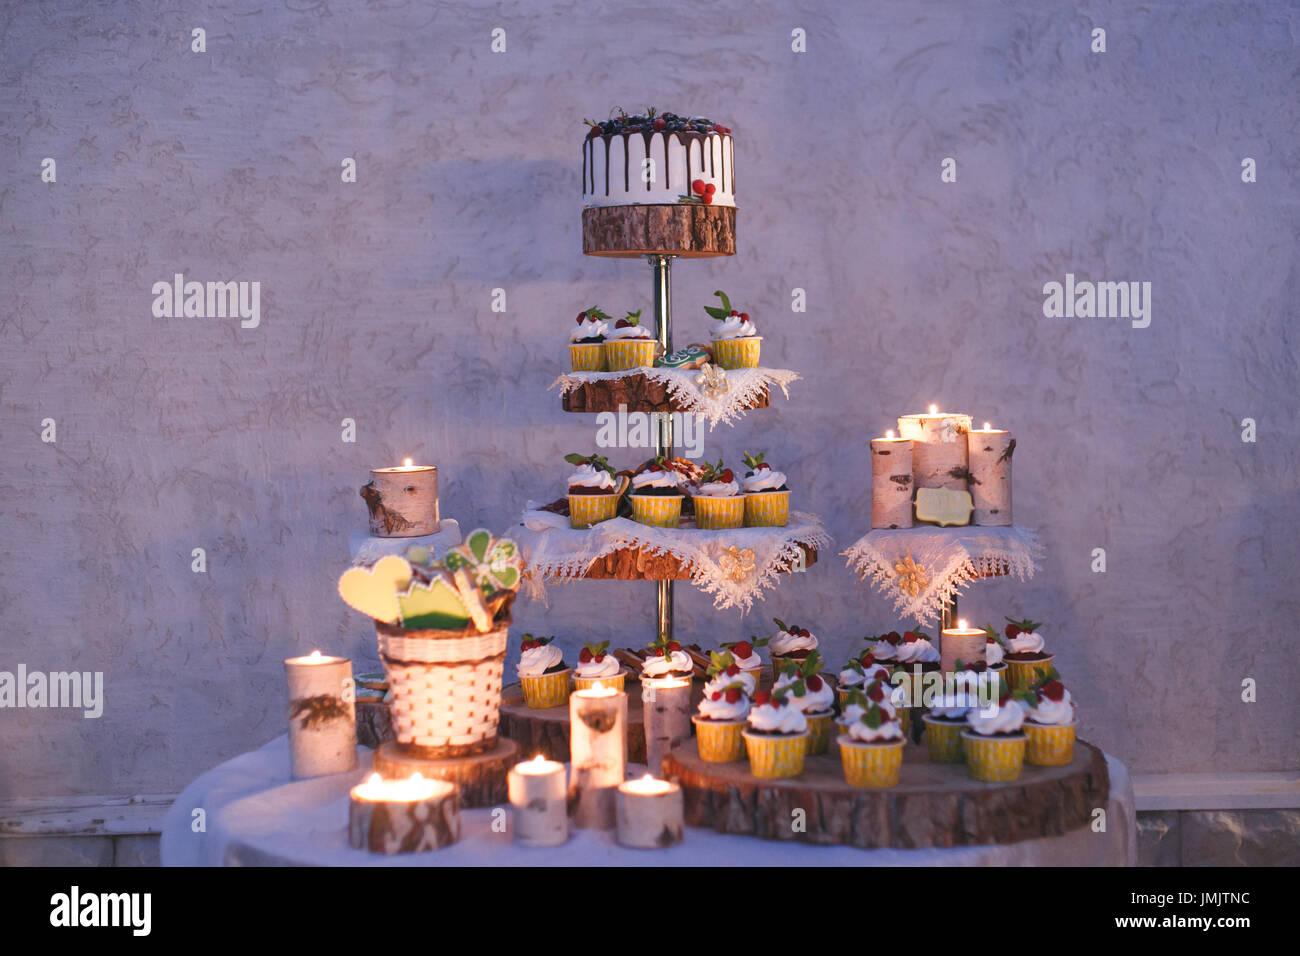 Gâteau de mariage et des cupcakes avec des bougies sur une étagère en bois Photo Stock